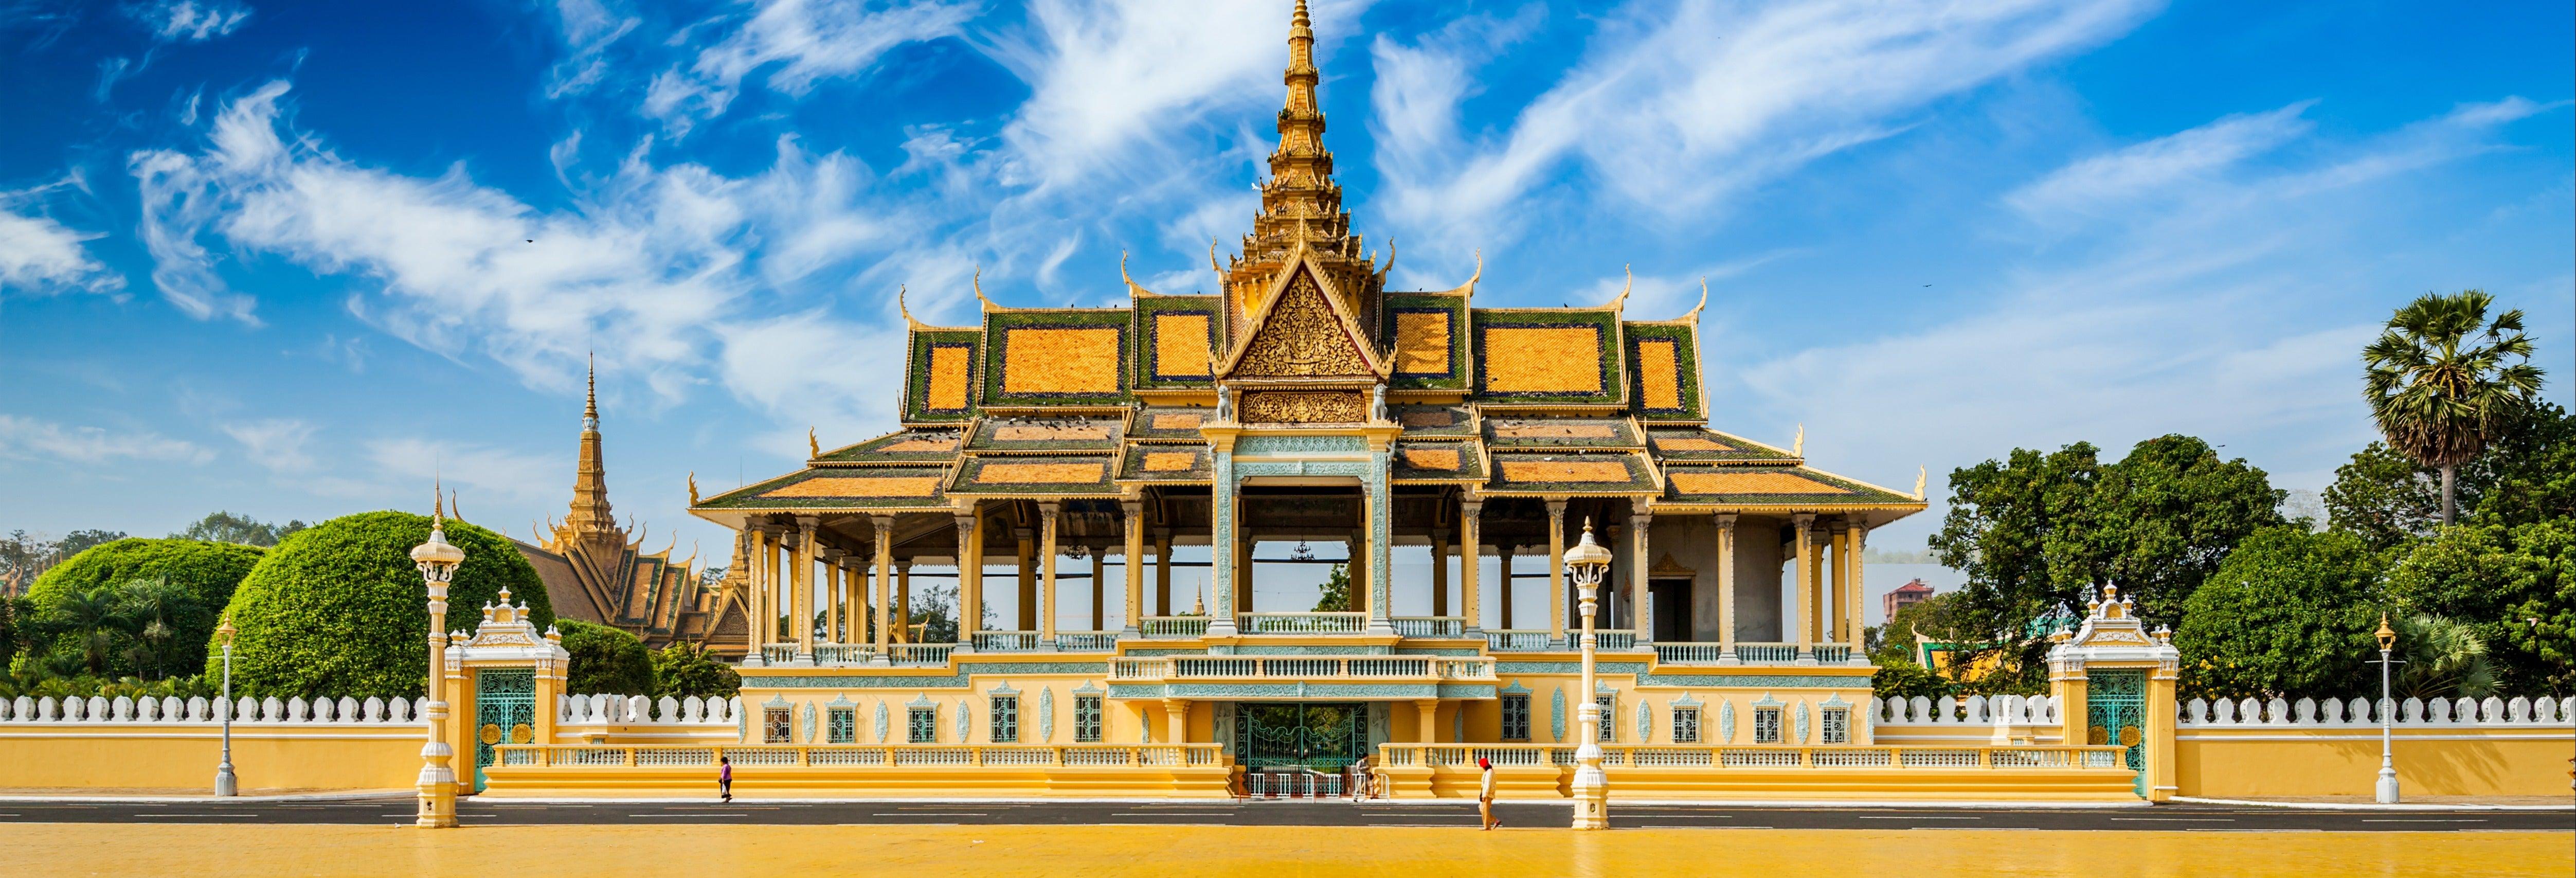 Tour de 5 dias pelo melhor do Camboja